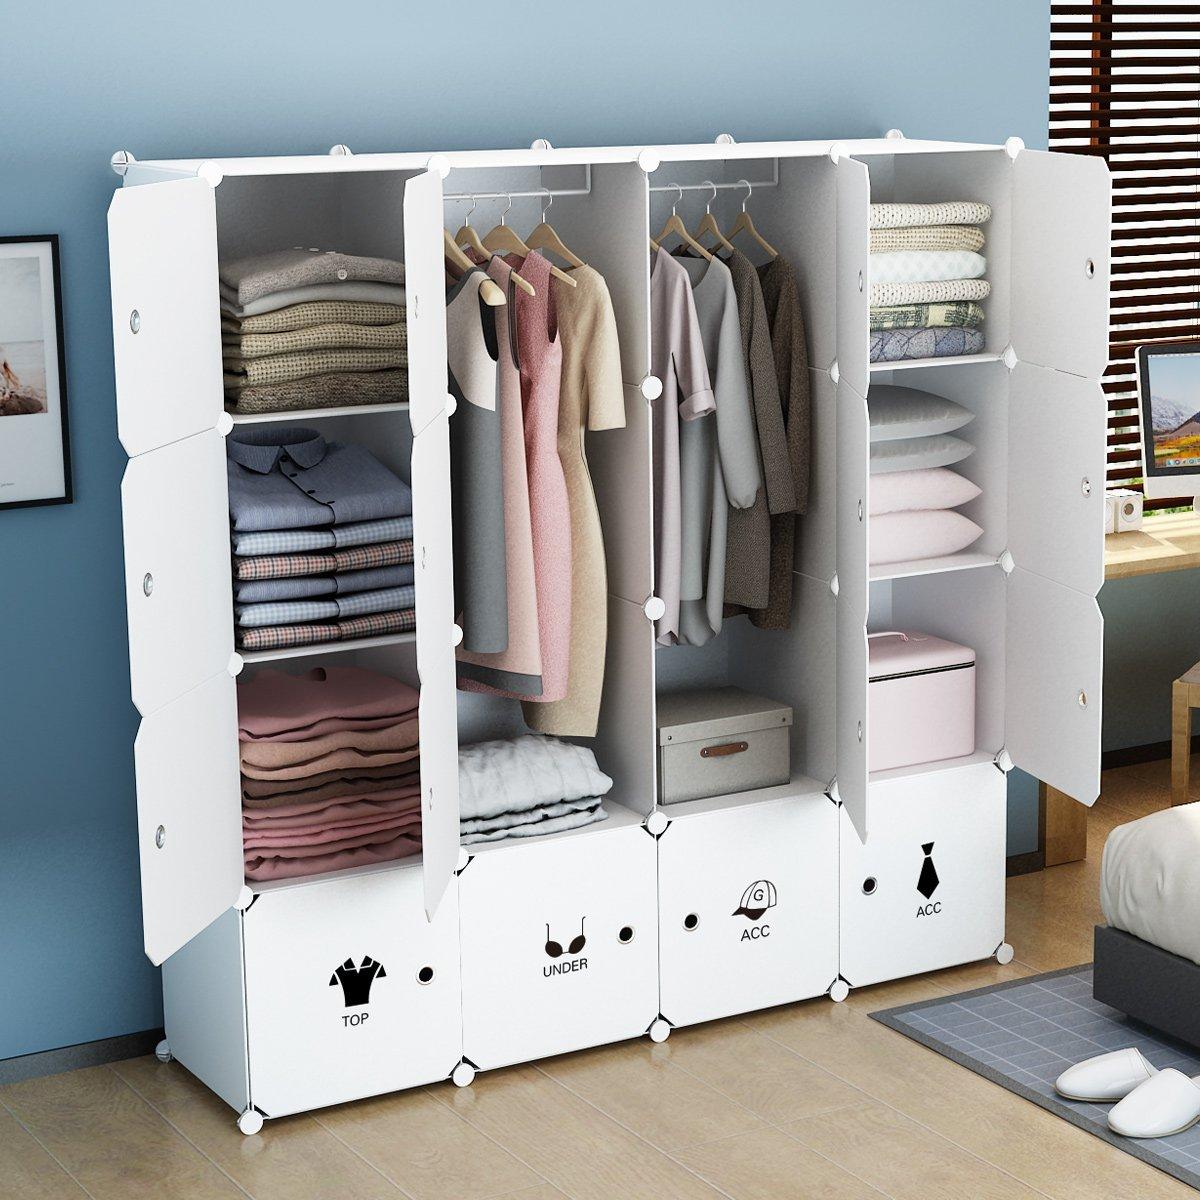 KOUSI Wardrobe Clothes Closet